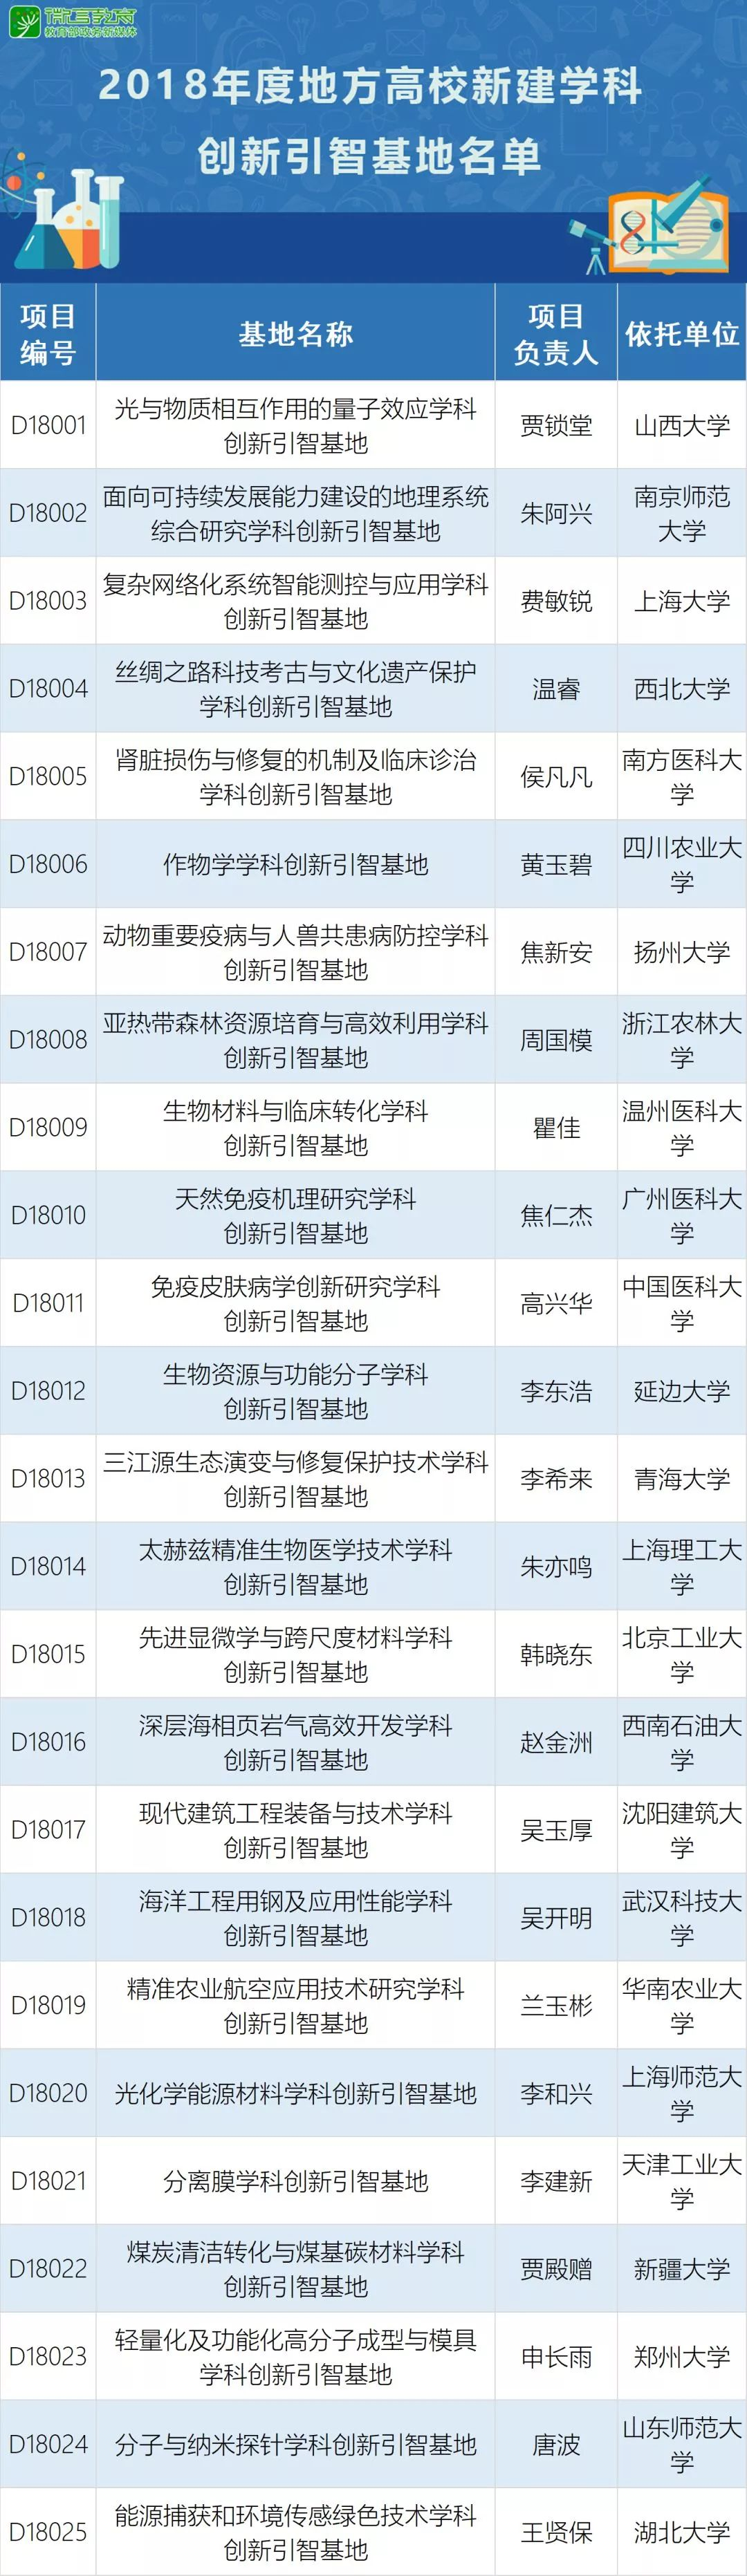 中国外专局、中国教育部《2018高校新建学科创新引智基地立项通知》